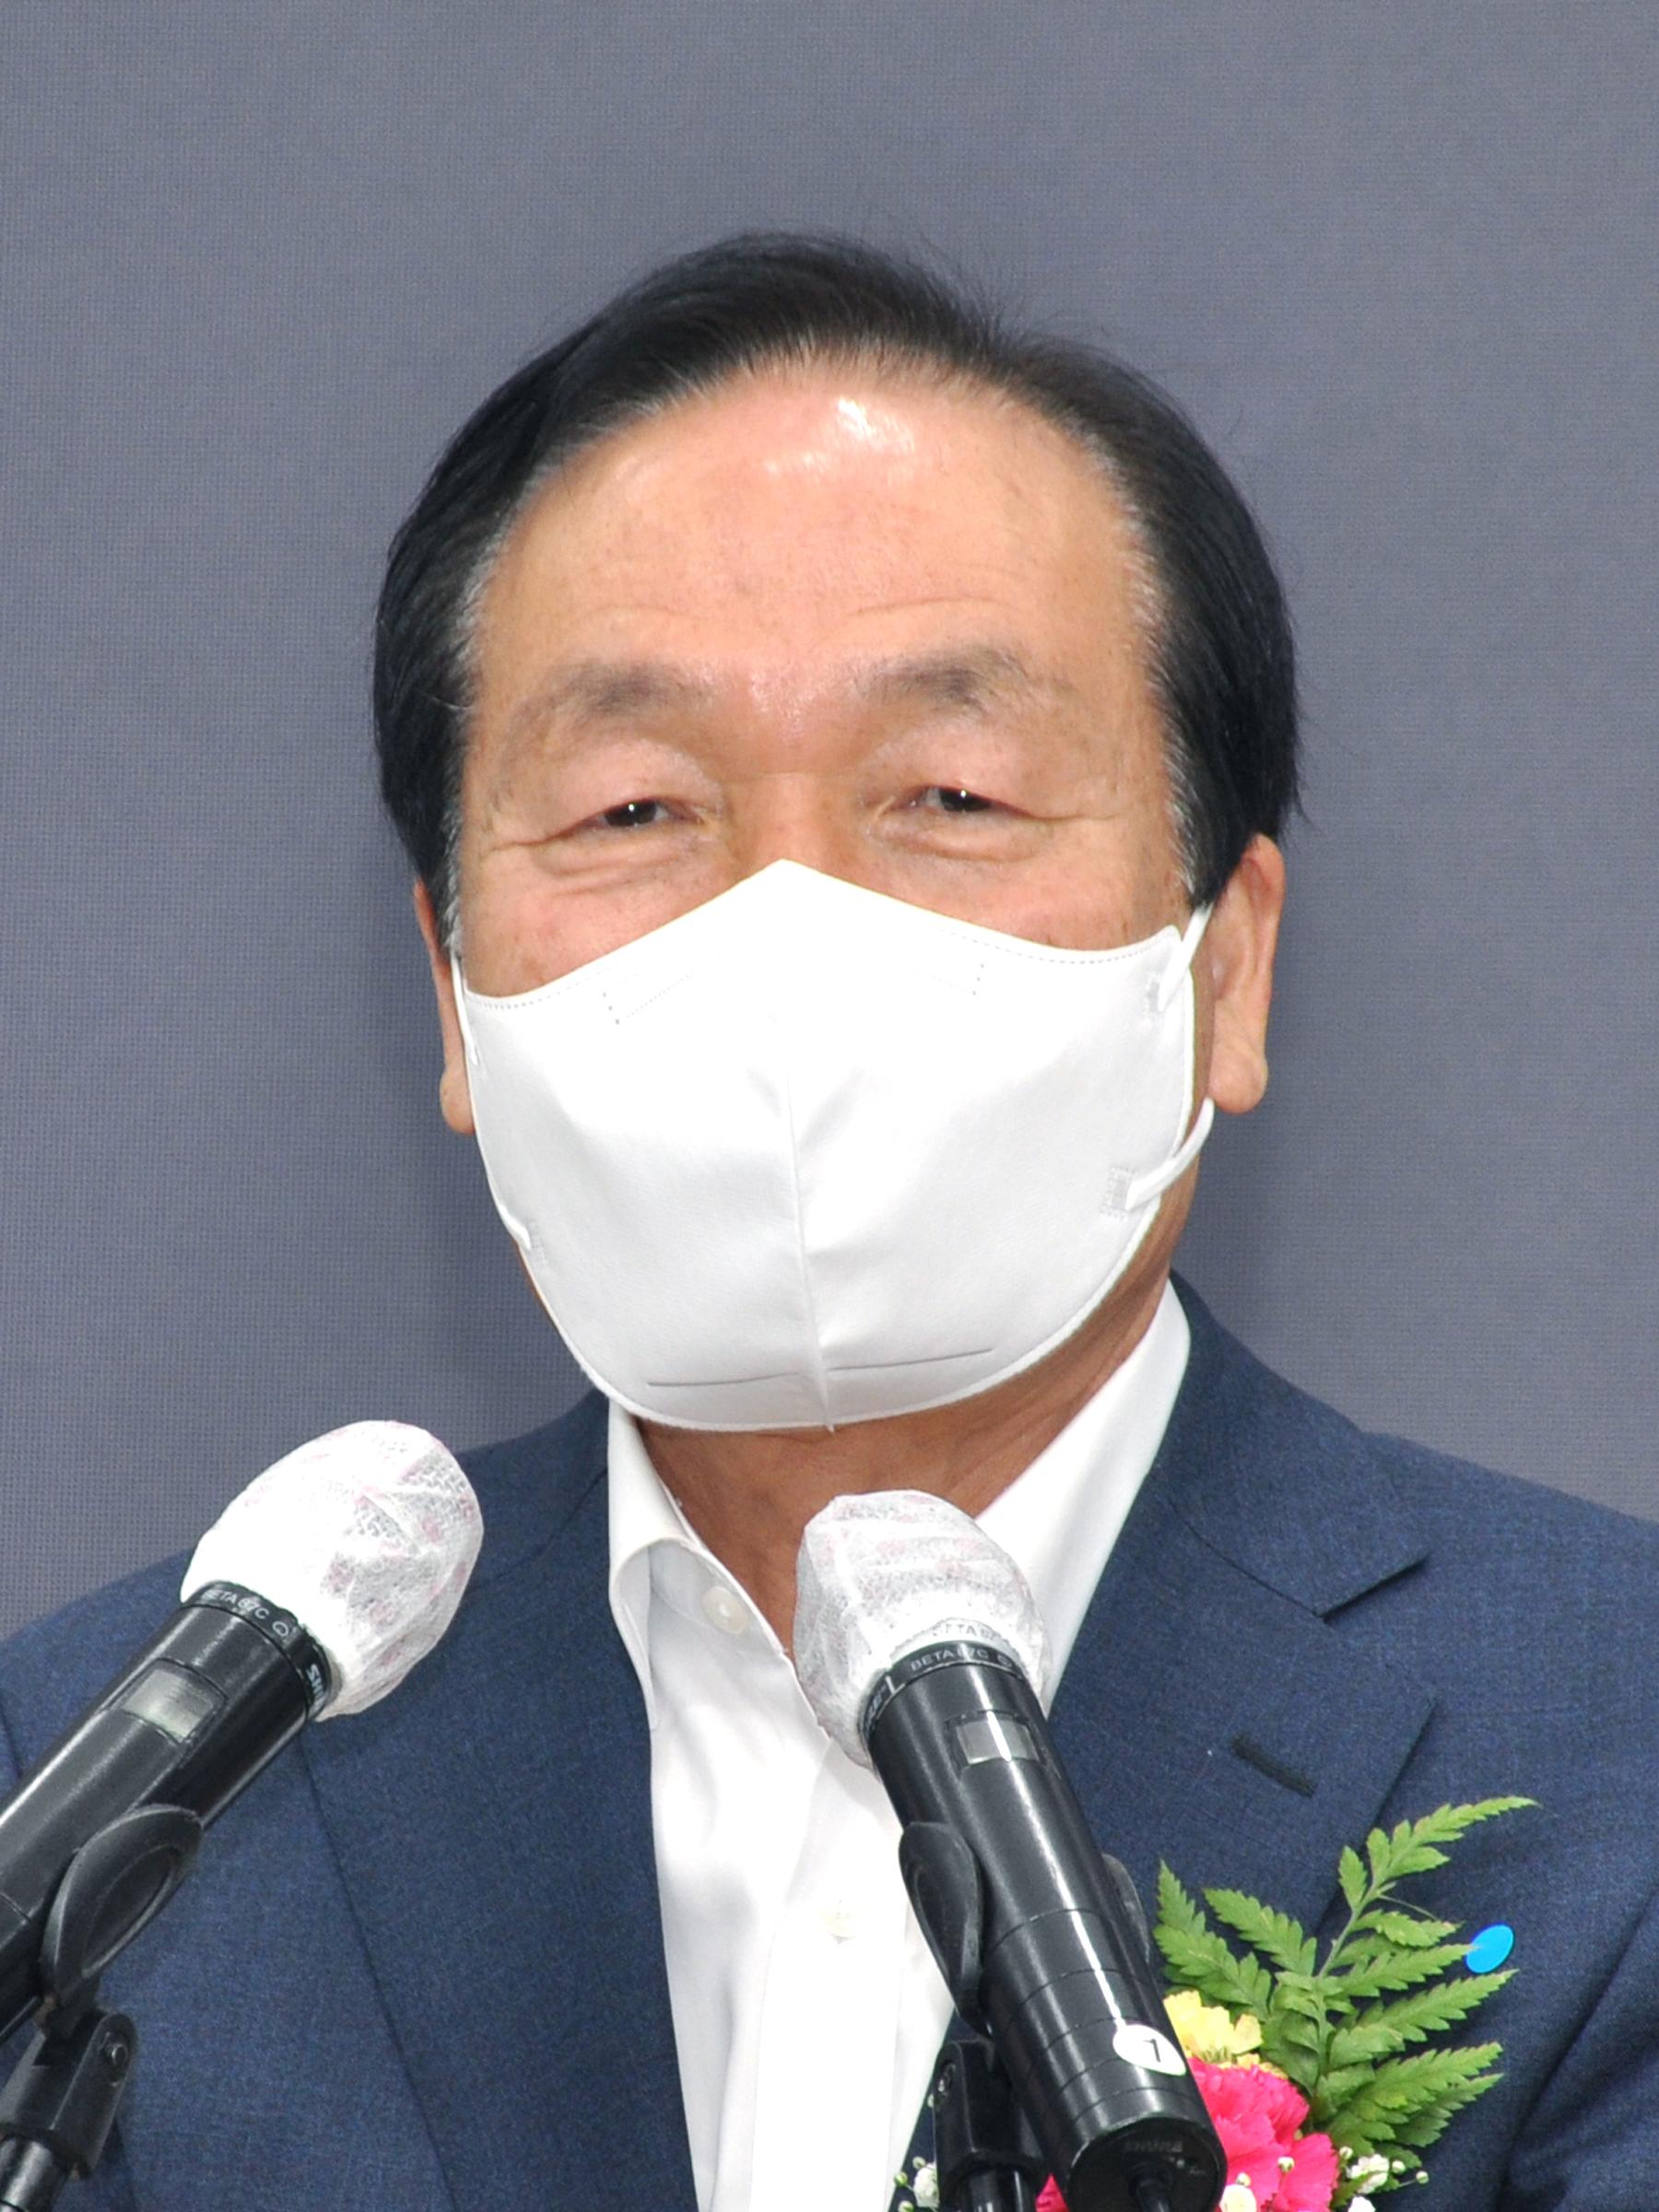 2-김주수 군수.JPG